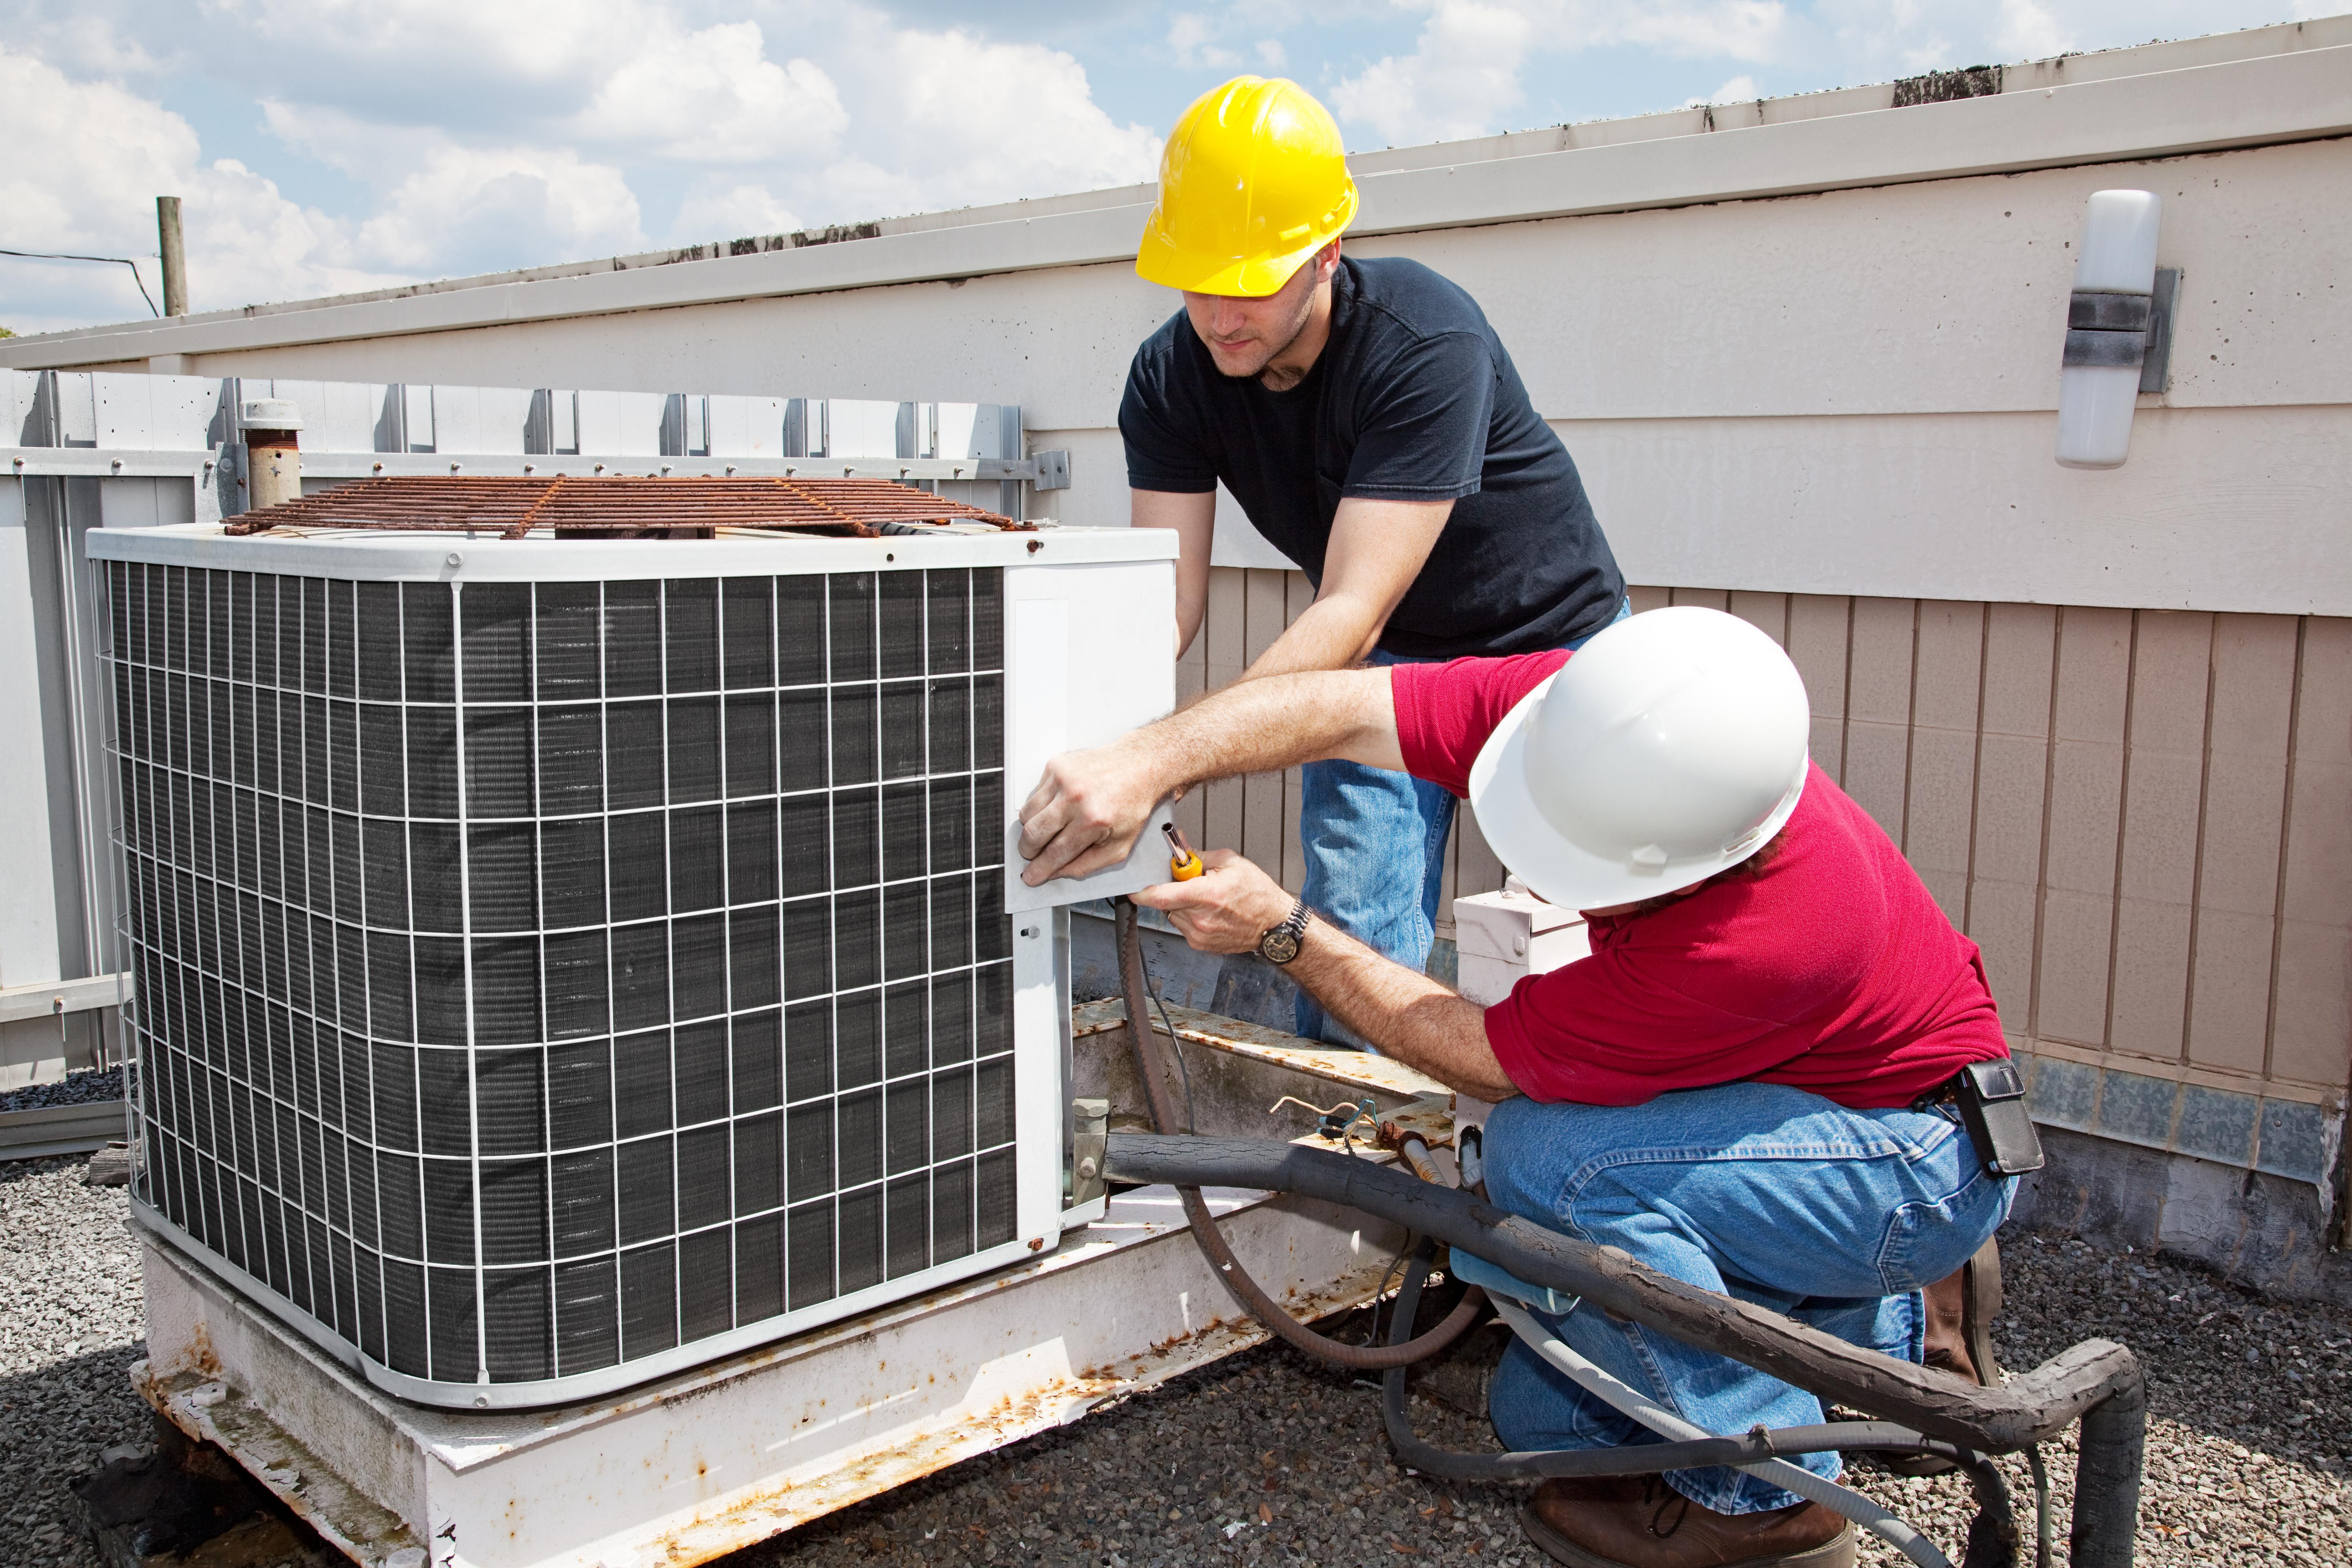 Men repairing HVAC unit on roof